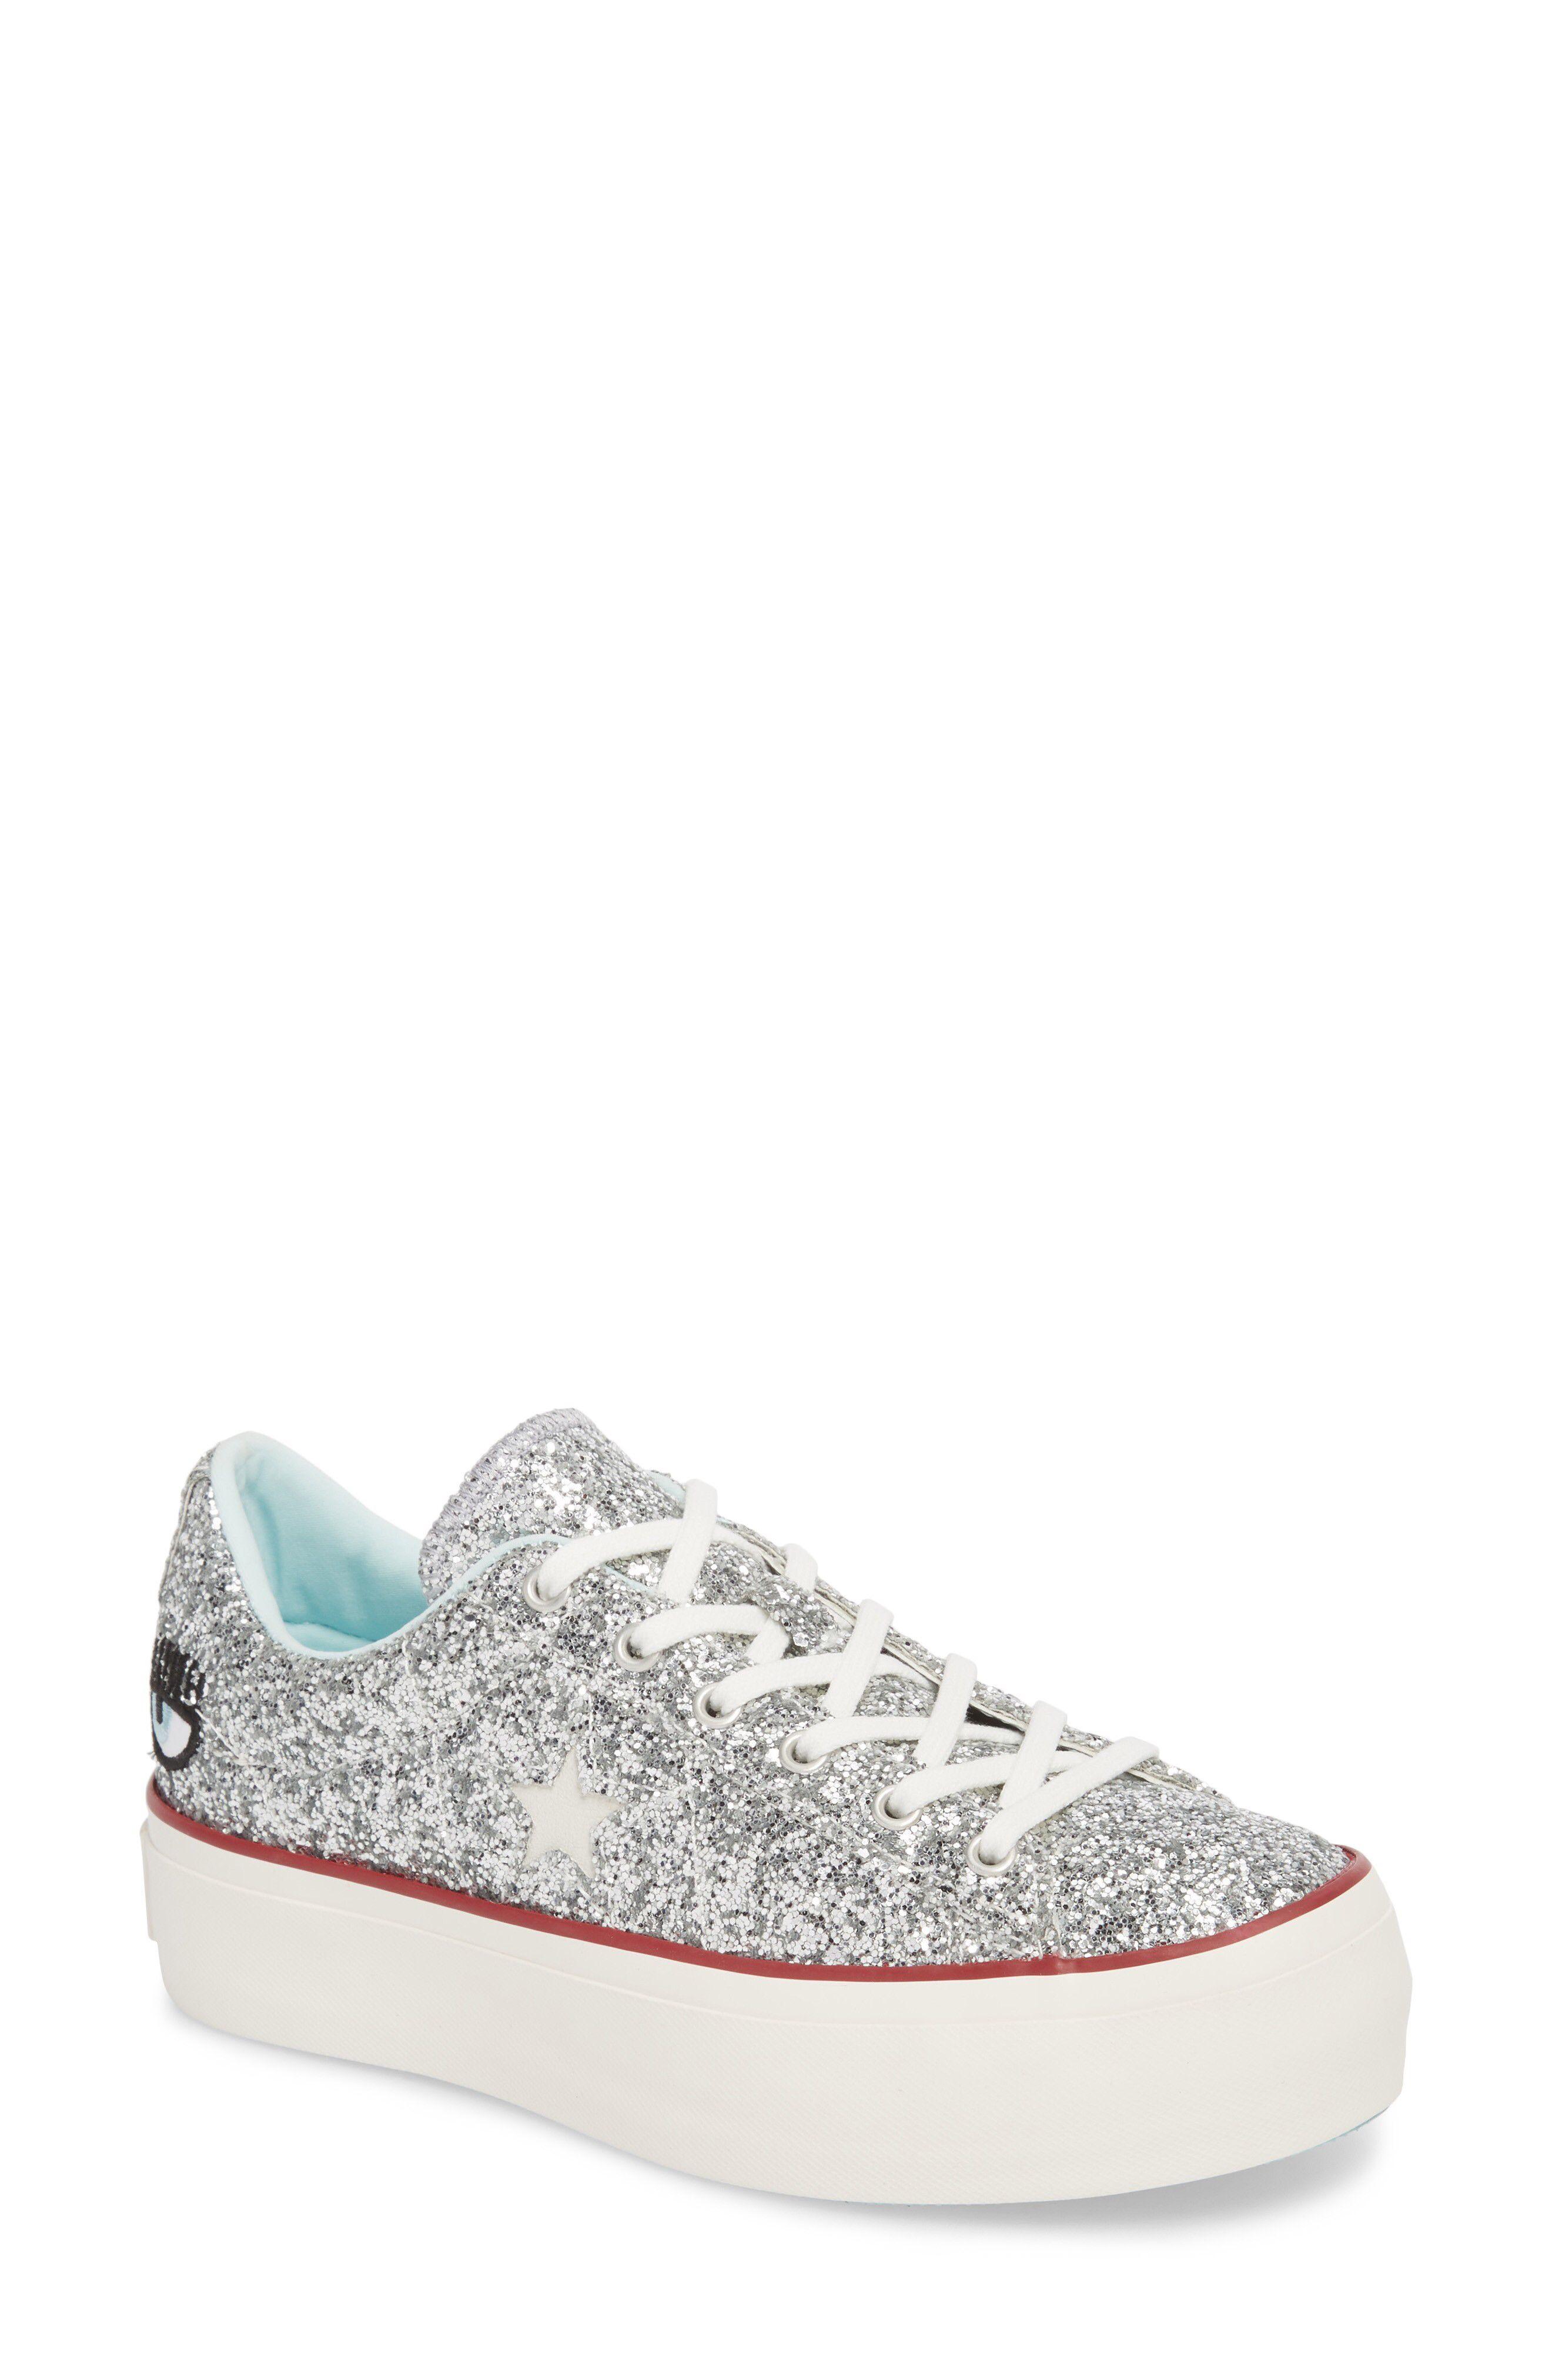 6156e7921e6cf1 Converse x Chiara Ferragni One Star Glitter Platform Sneaker available at   Nordstrom